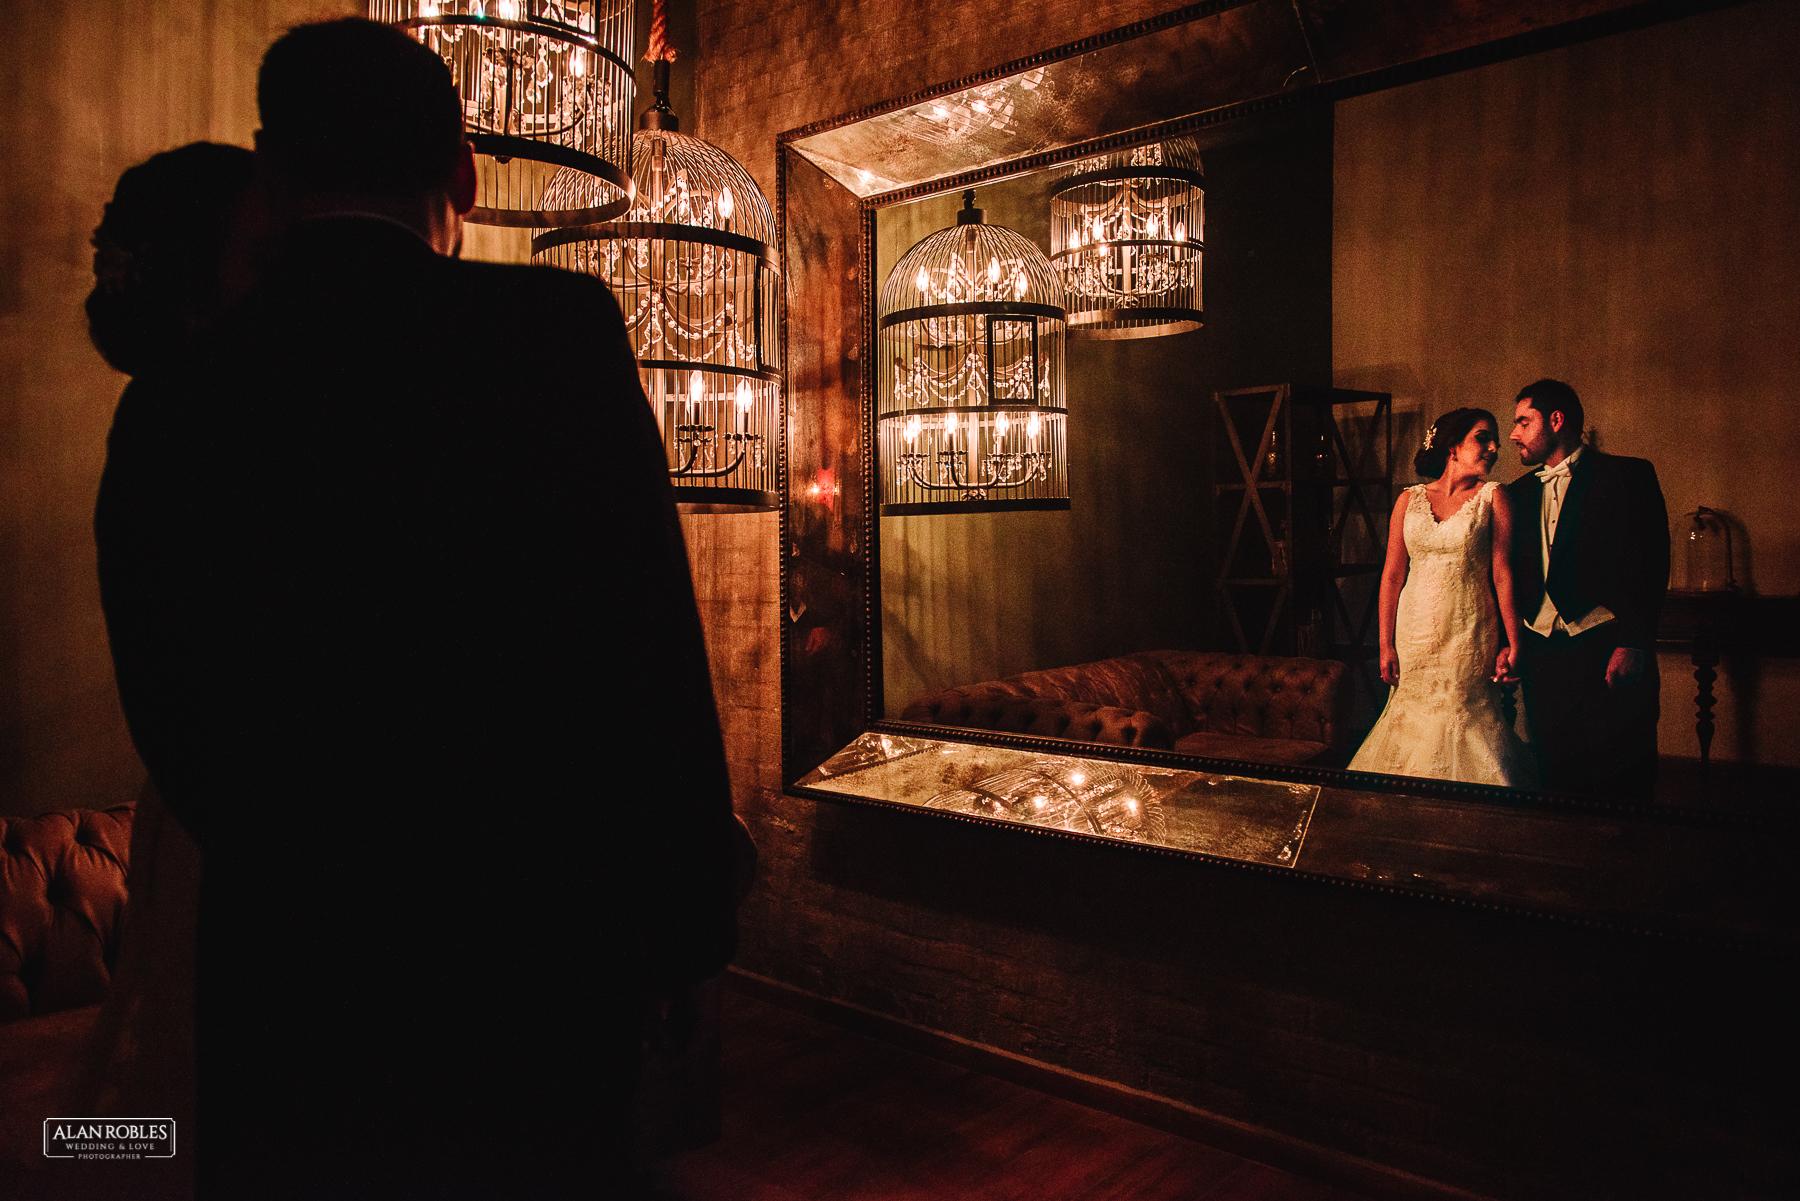 Fotografo de bodas Alan Robles-Casa Clementina Guadalajara DyA-46